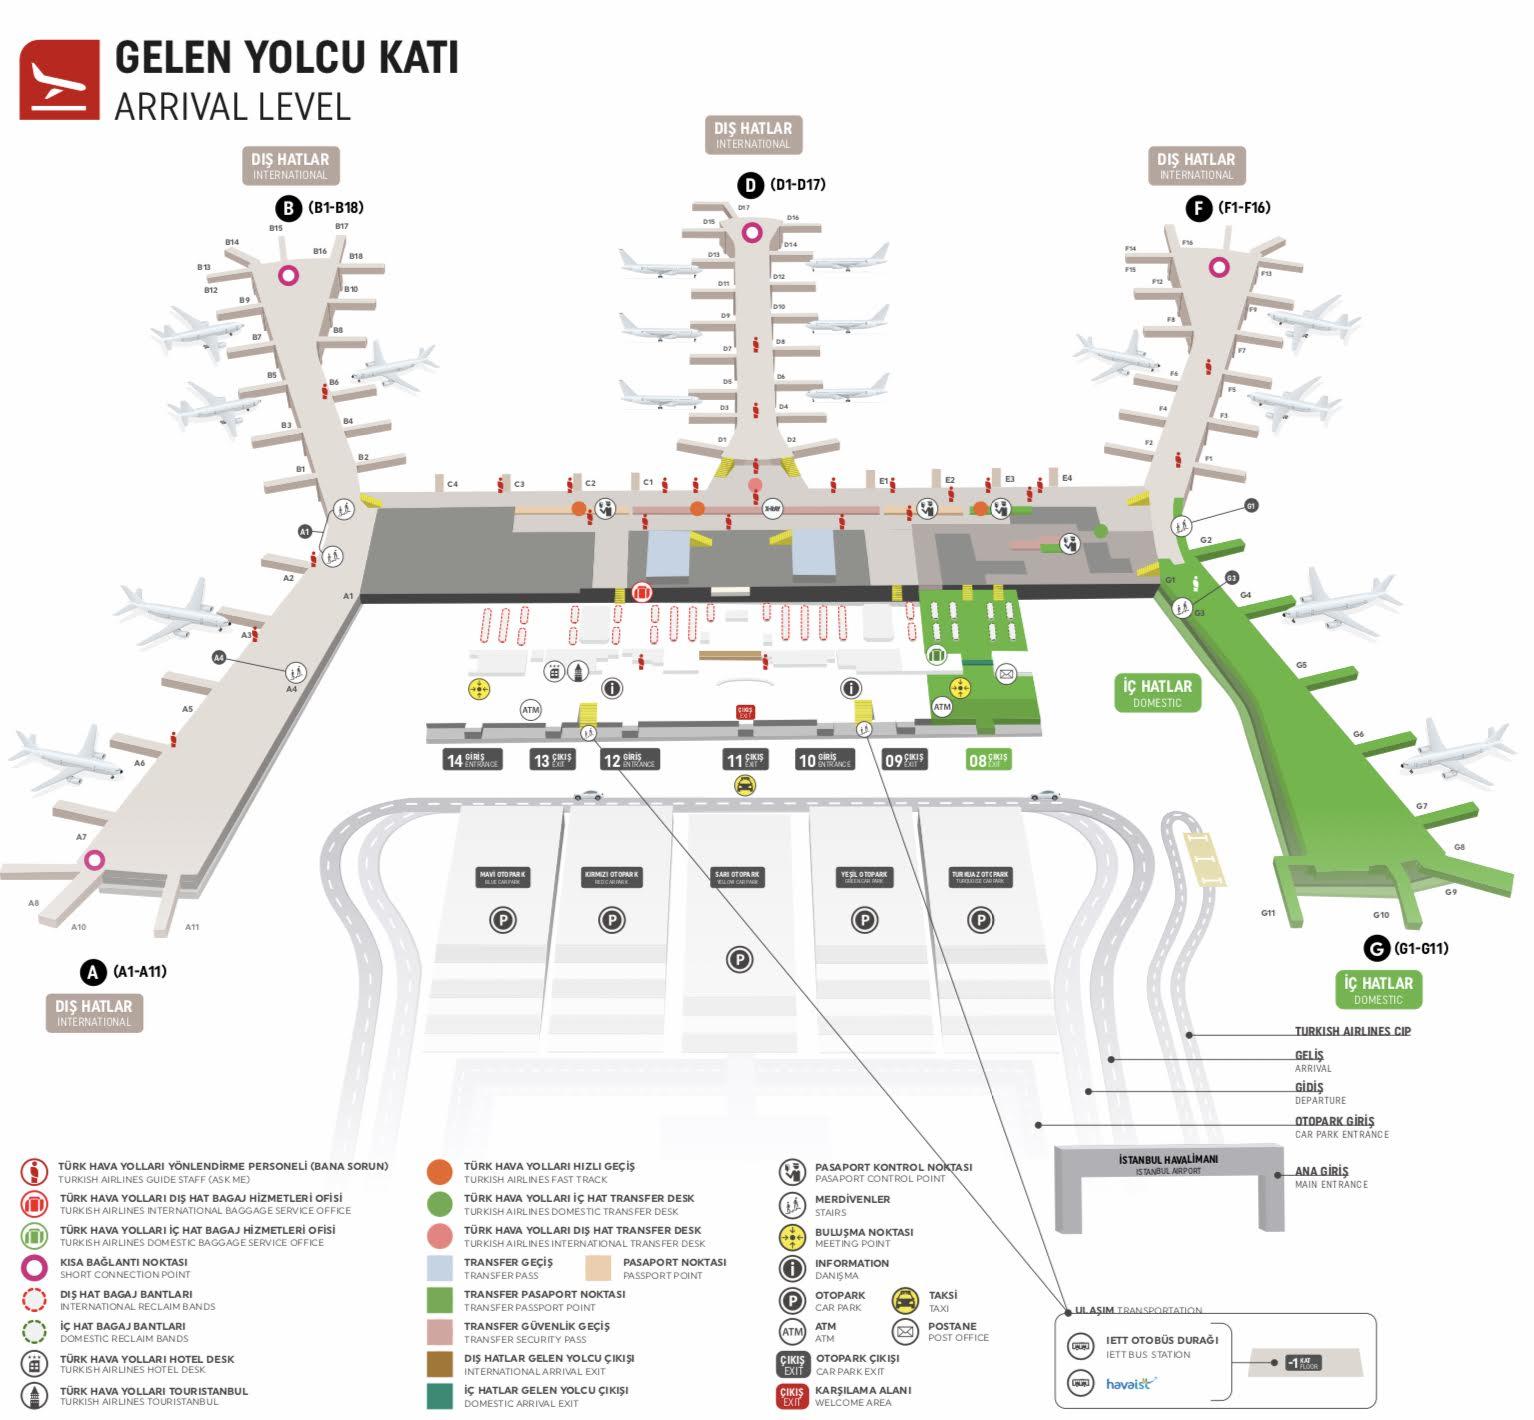 Аэропорты стамбула: ататюрк, сабиха гекчен, новый аэропорт - как добраться до города - 2021